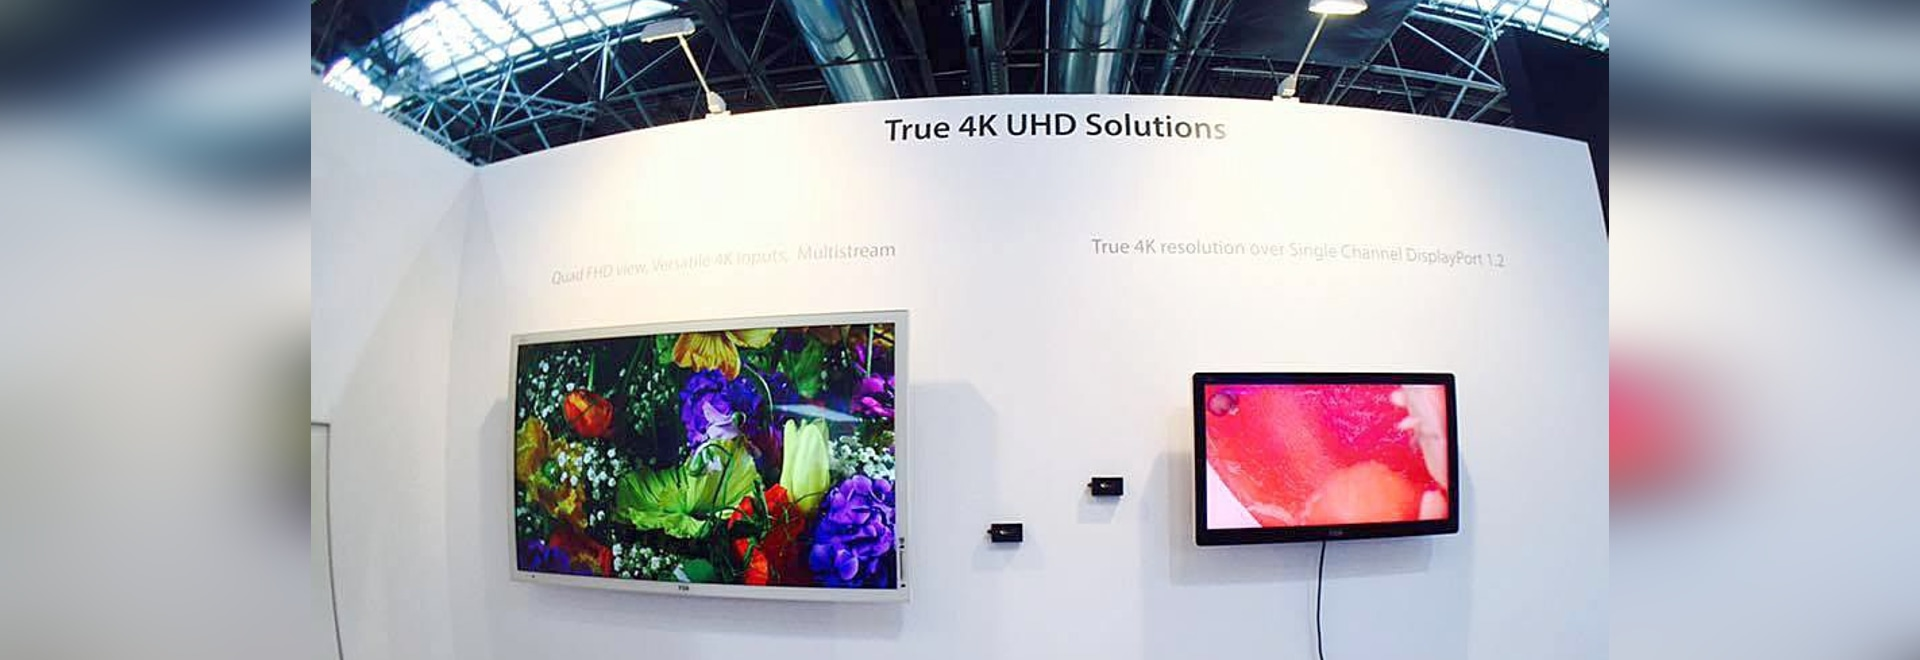 Spotlight at FSN True 4K UHD Medical grade monitors release